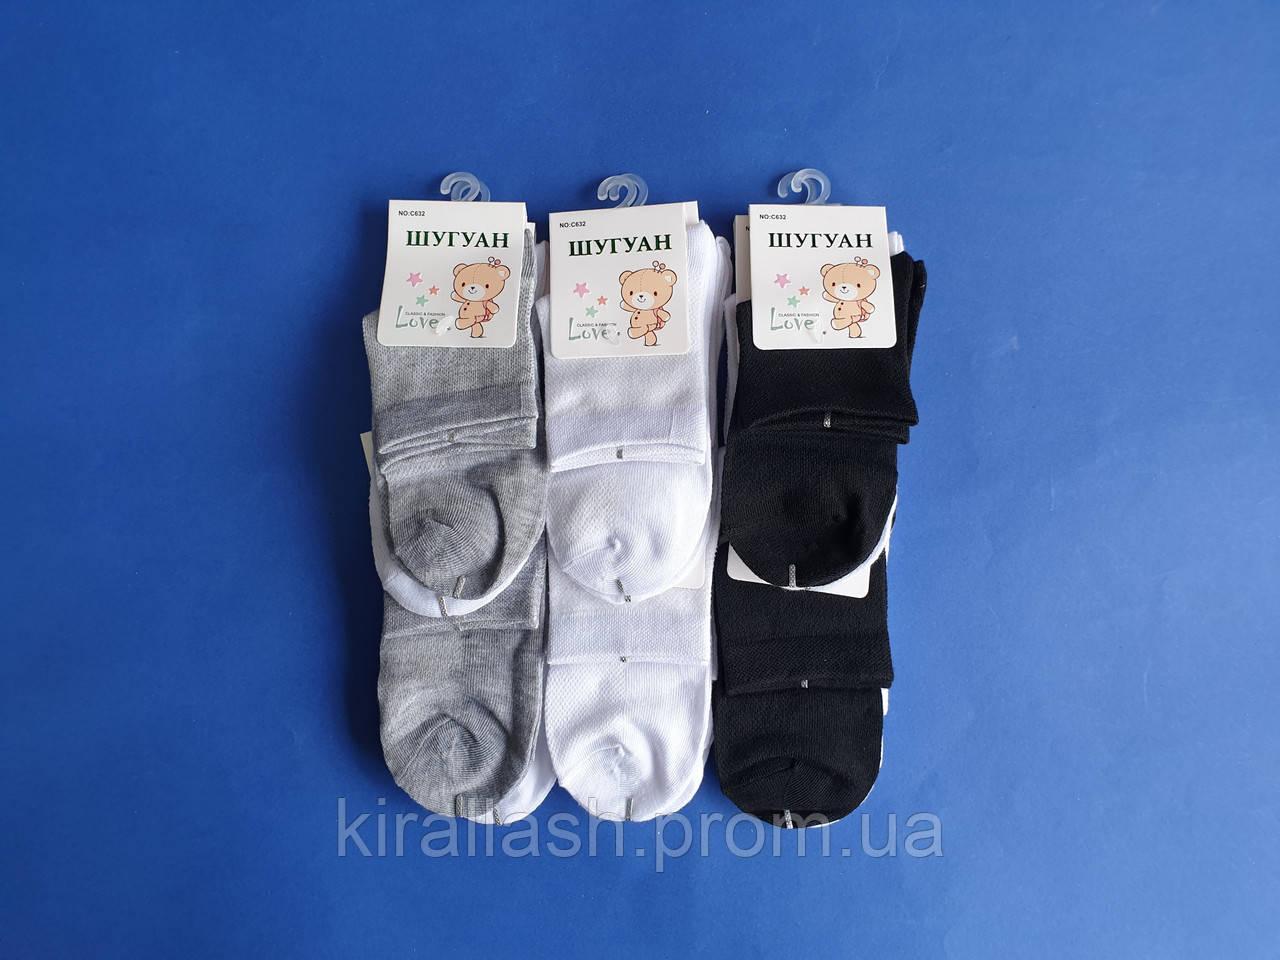 """НОВИНКА! Шкарпетки СІТКА (6-9 років) бавовна для хлопчиків """"Шугуан"""""""